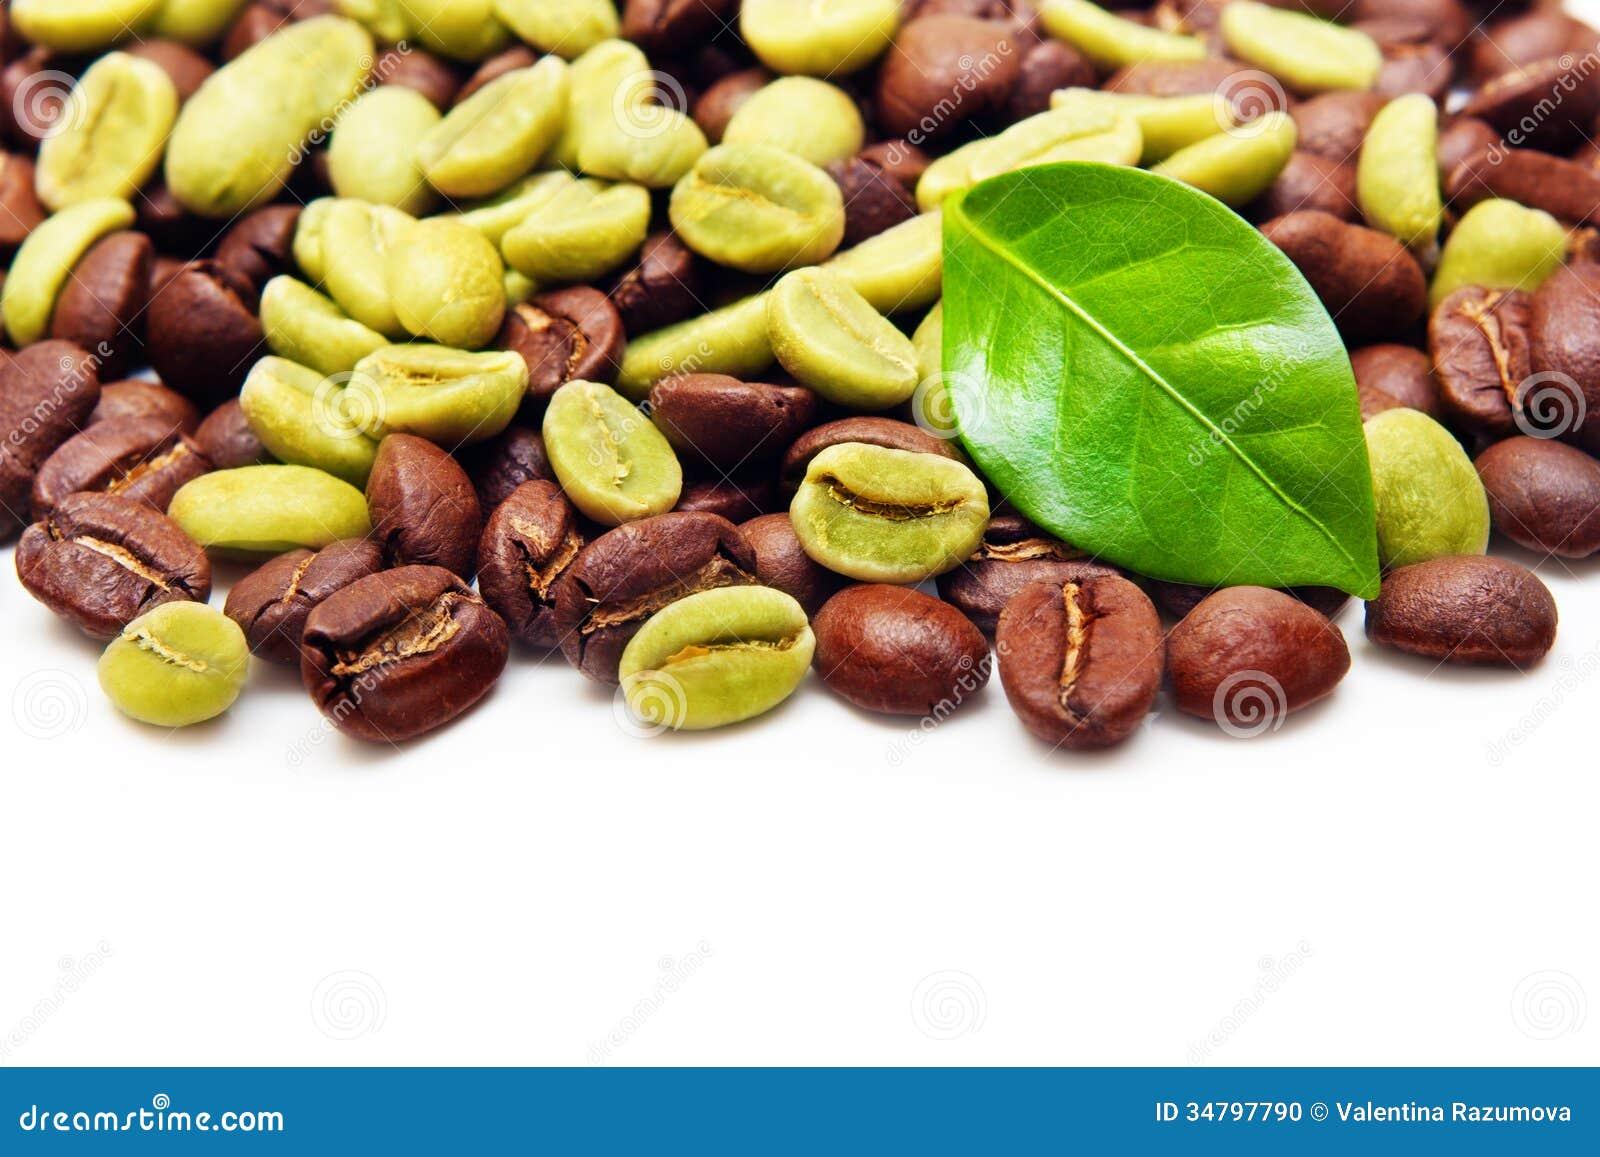 Grains de café verts et noirs.